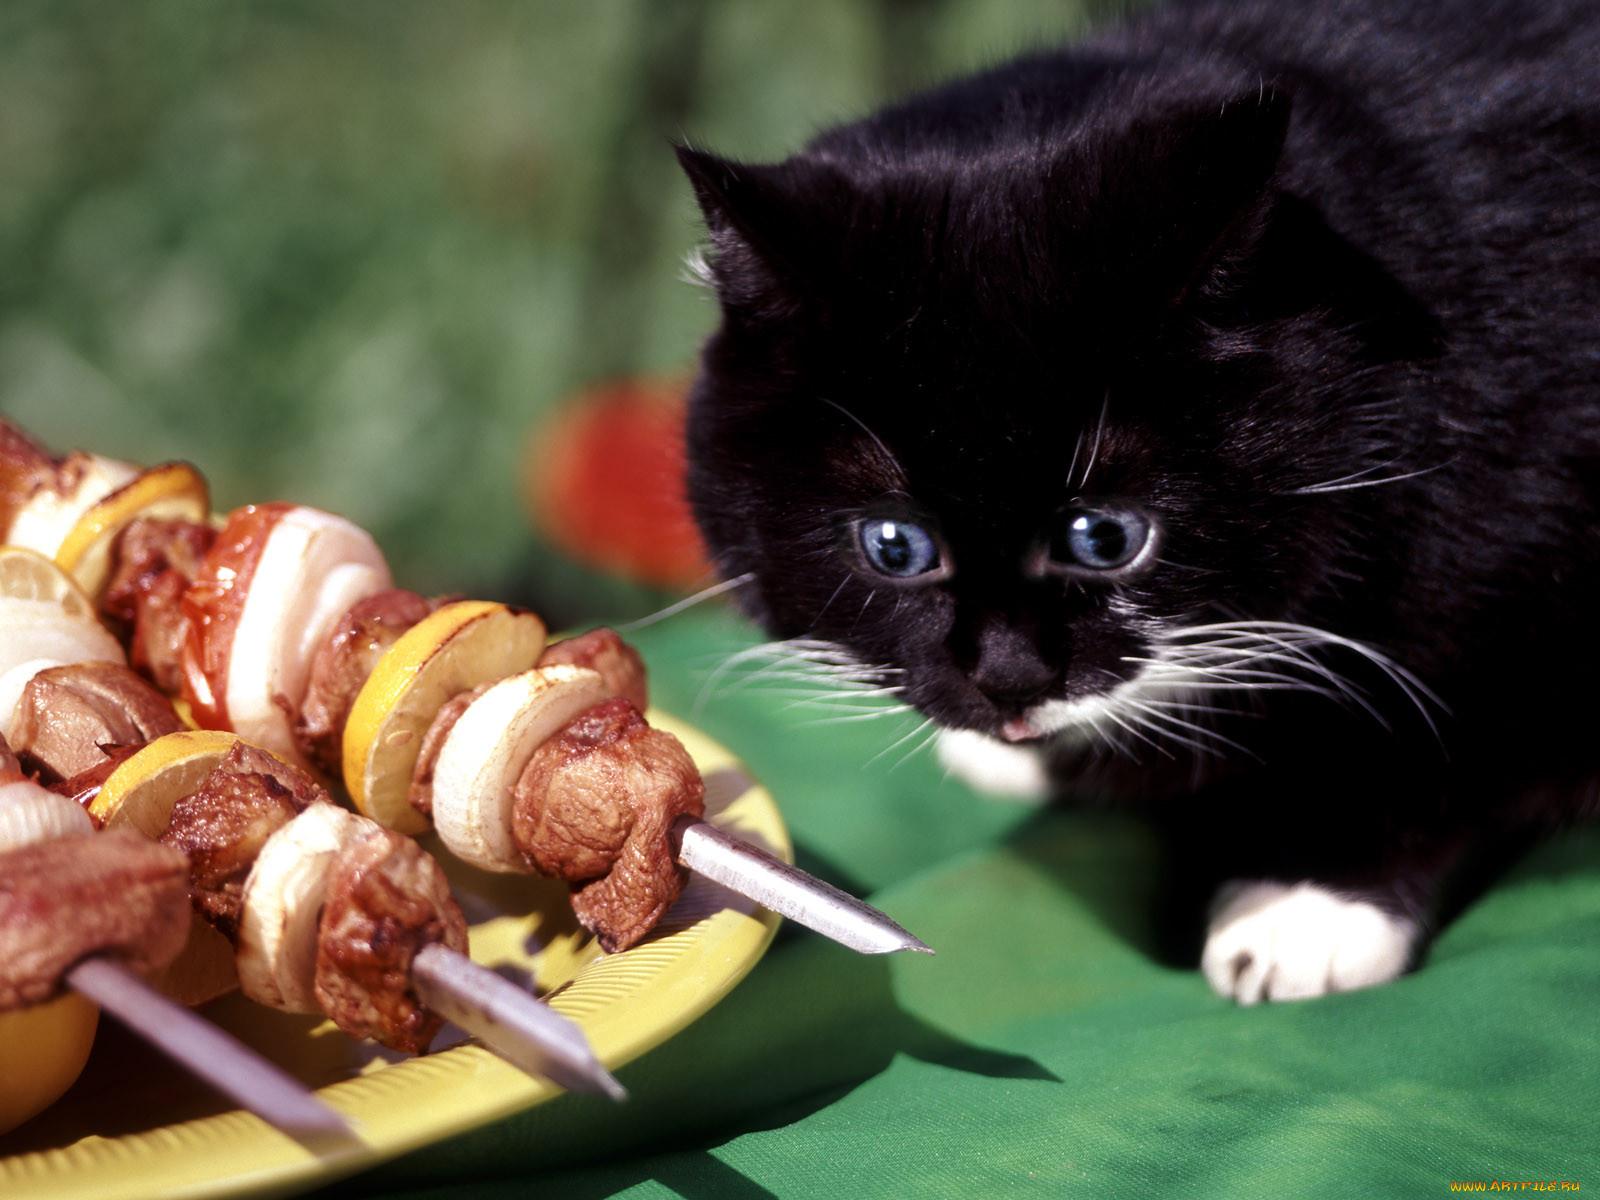 картинка смешная животные идет на обед договоры